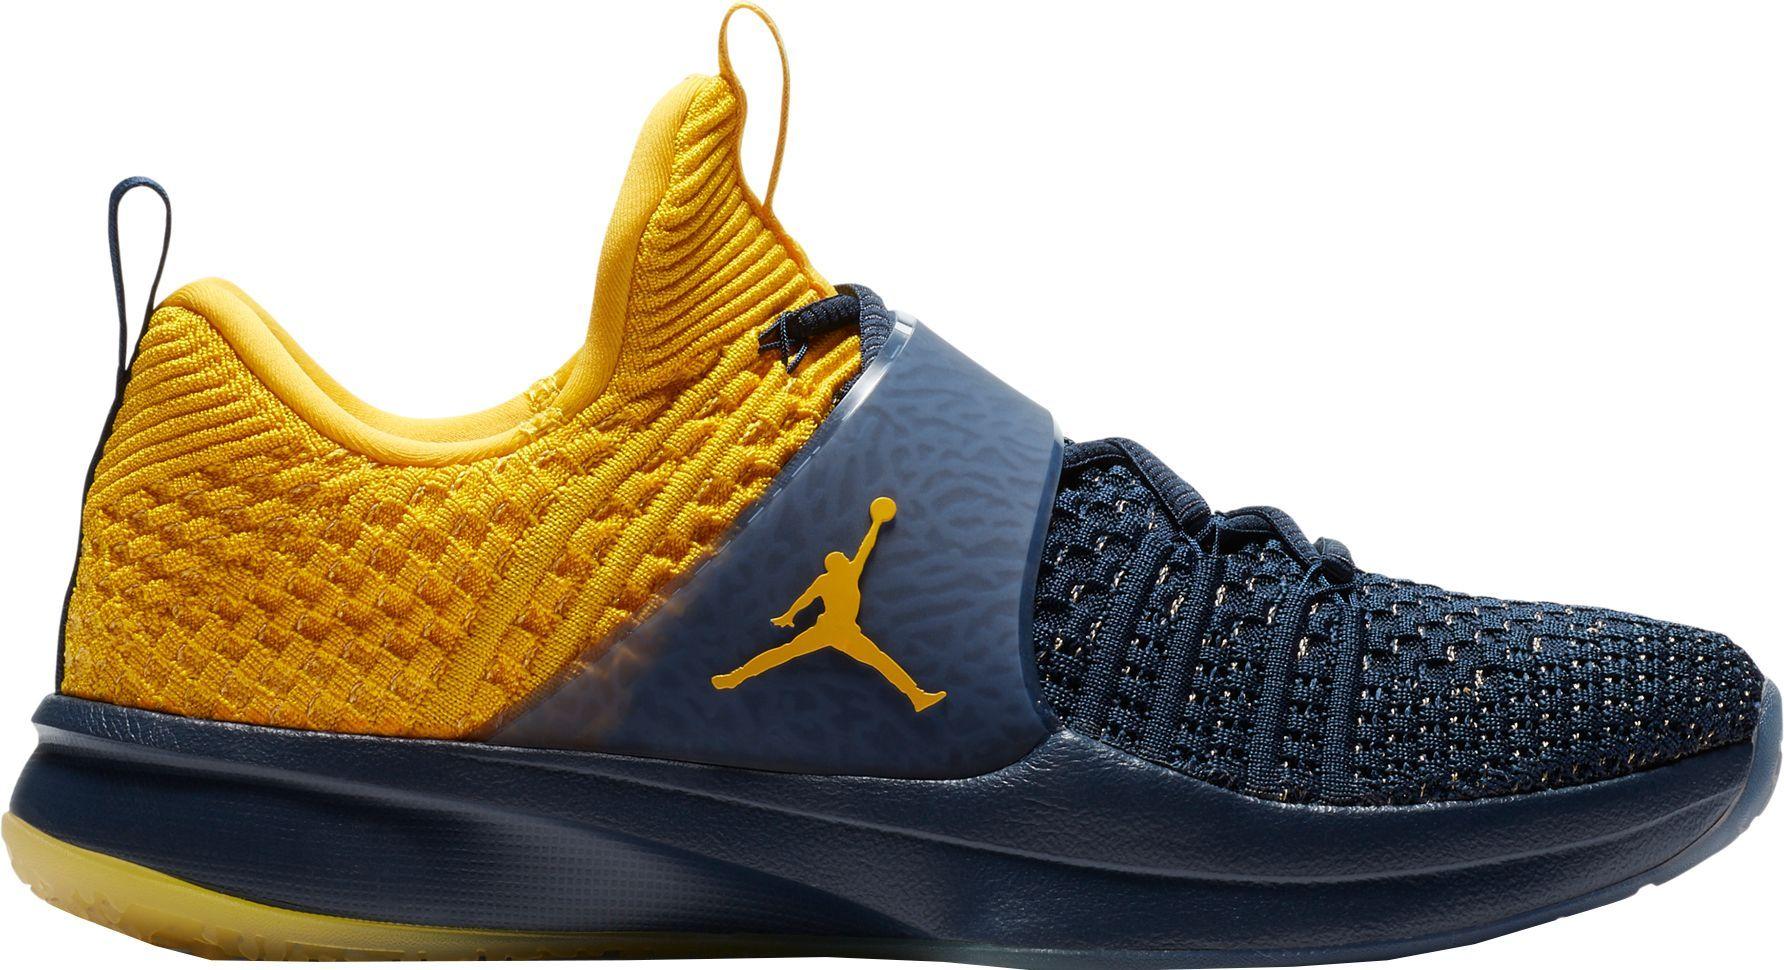 d28edac622d7d Jordan Men's Trainer 2 Flyknit Training Shoes | Products | Jordans ...